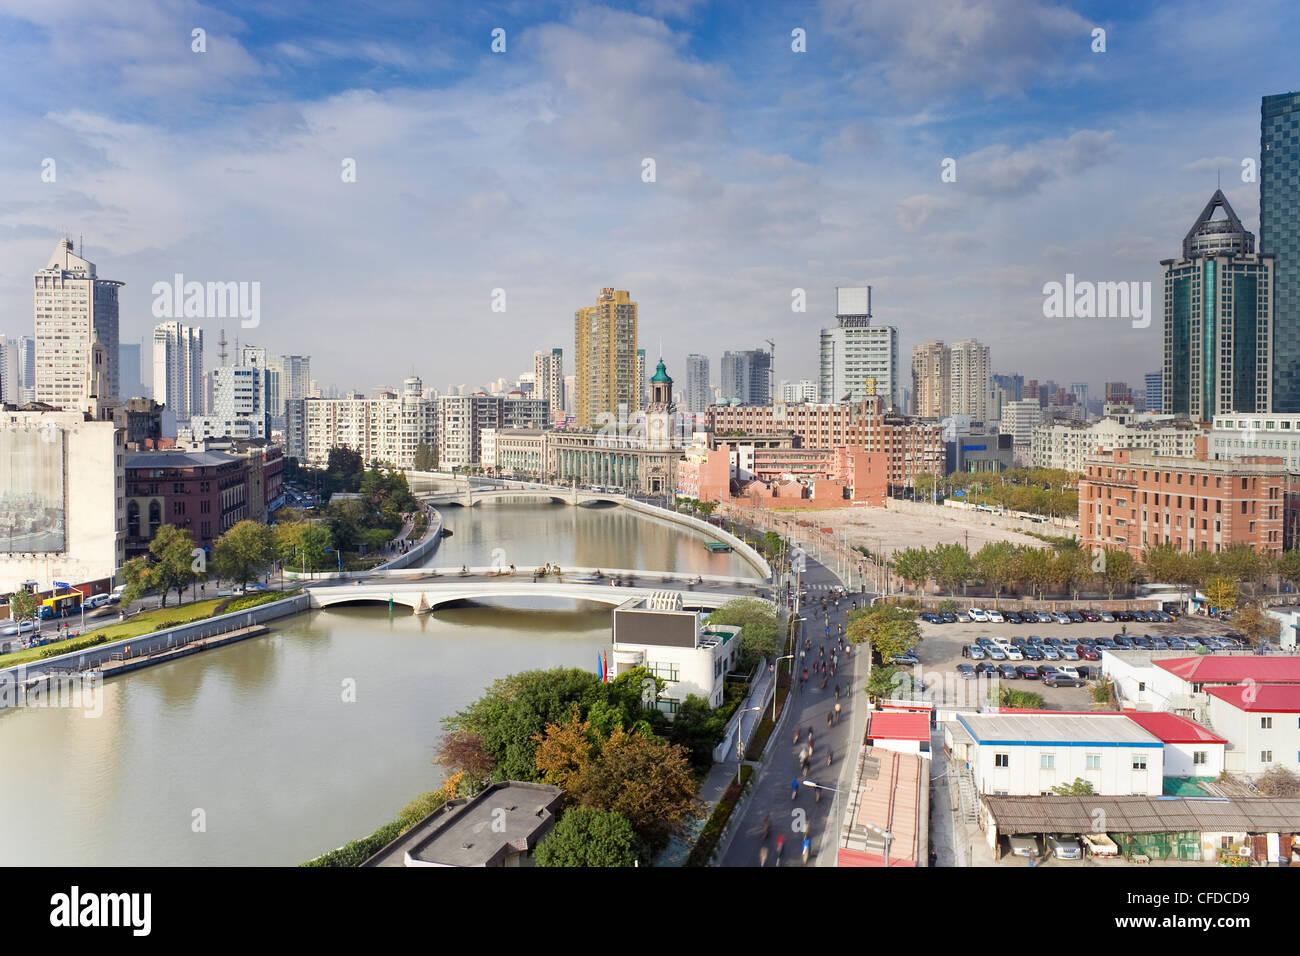 View le long de Suzhou Creek, de nouveaux ponts et sur les toits de la ville, Shanghai, Chine, Asie Photo Stock